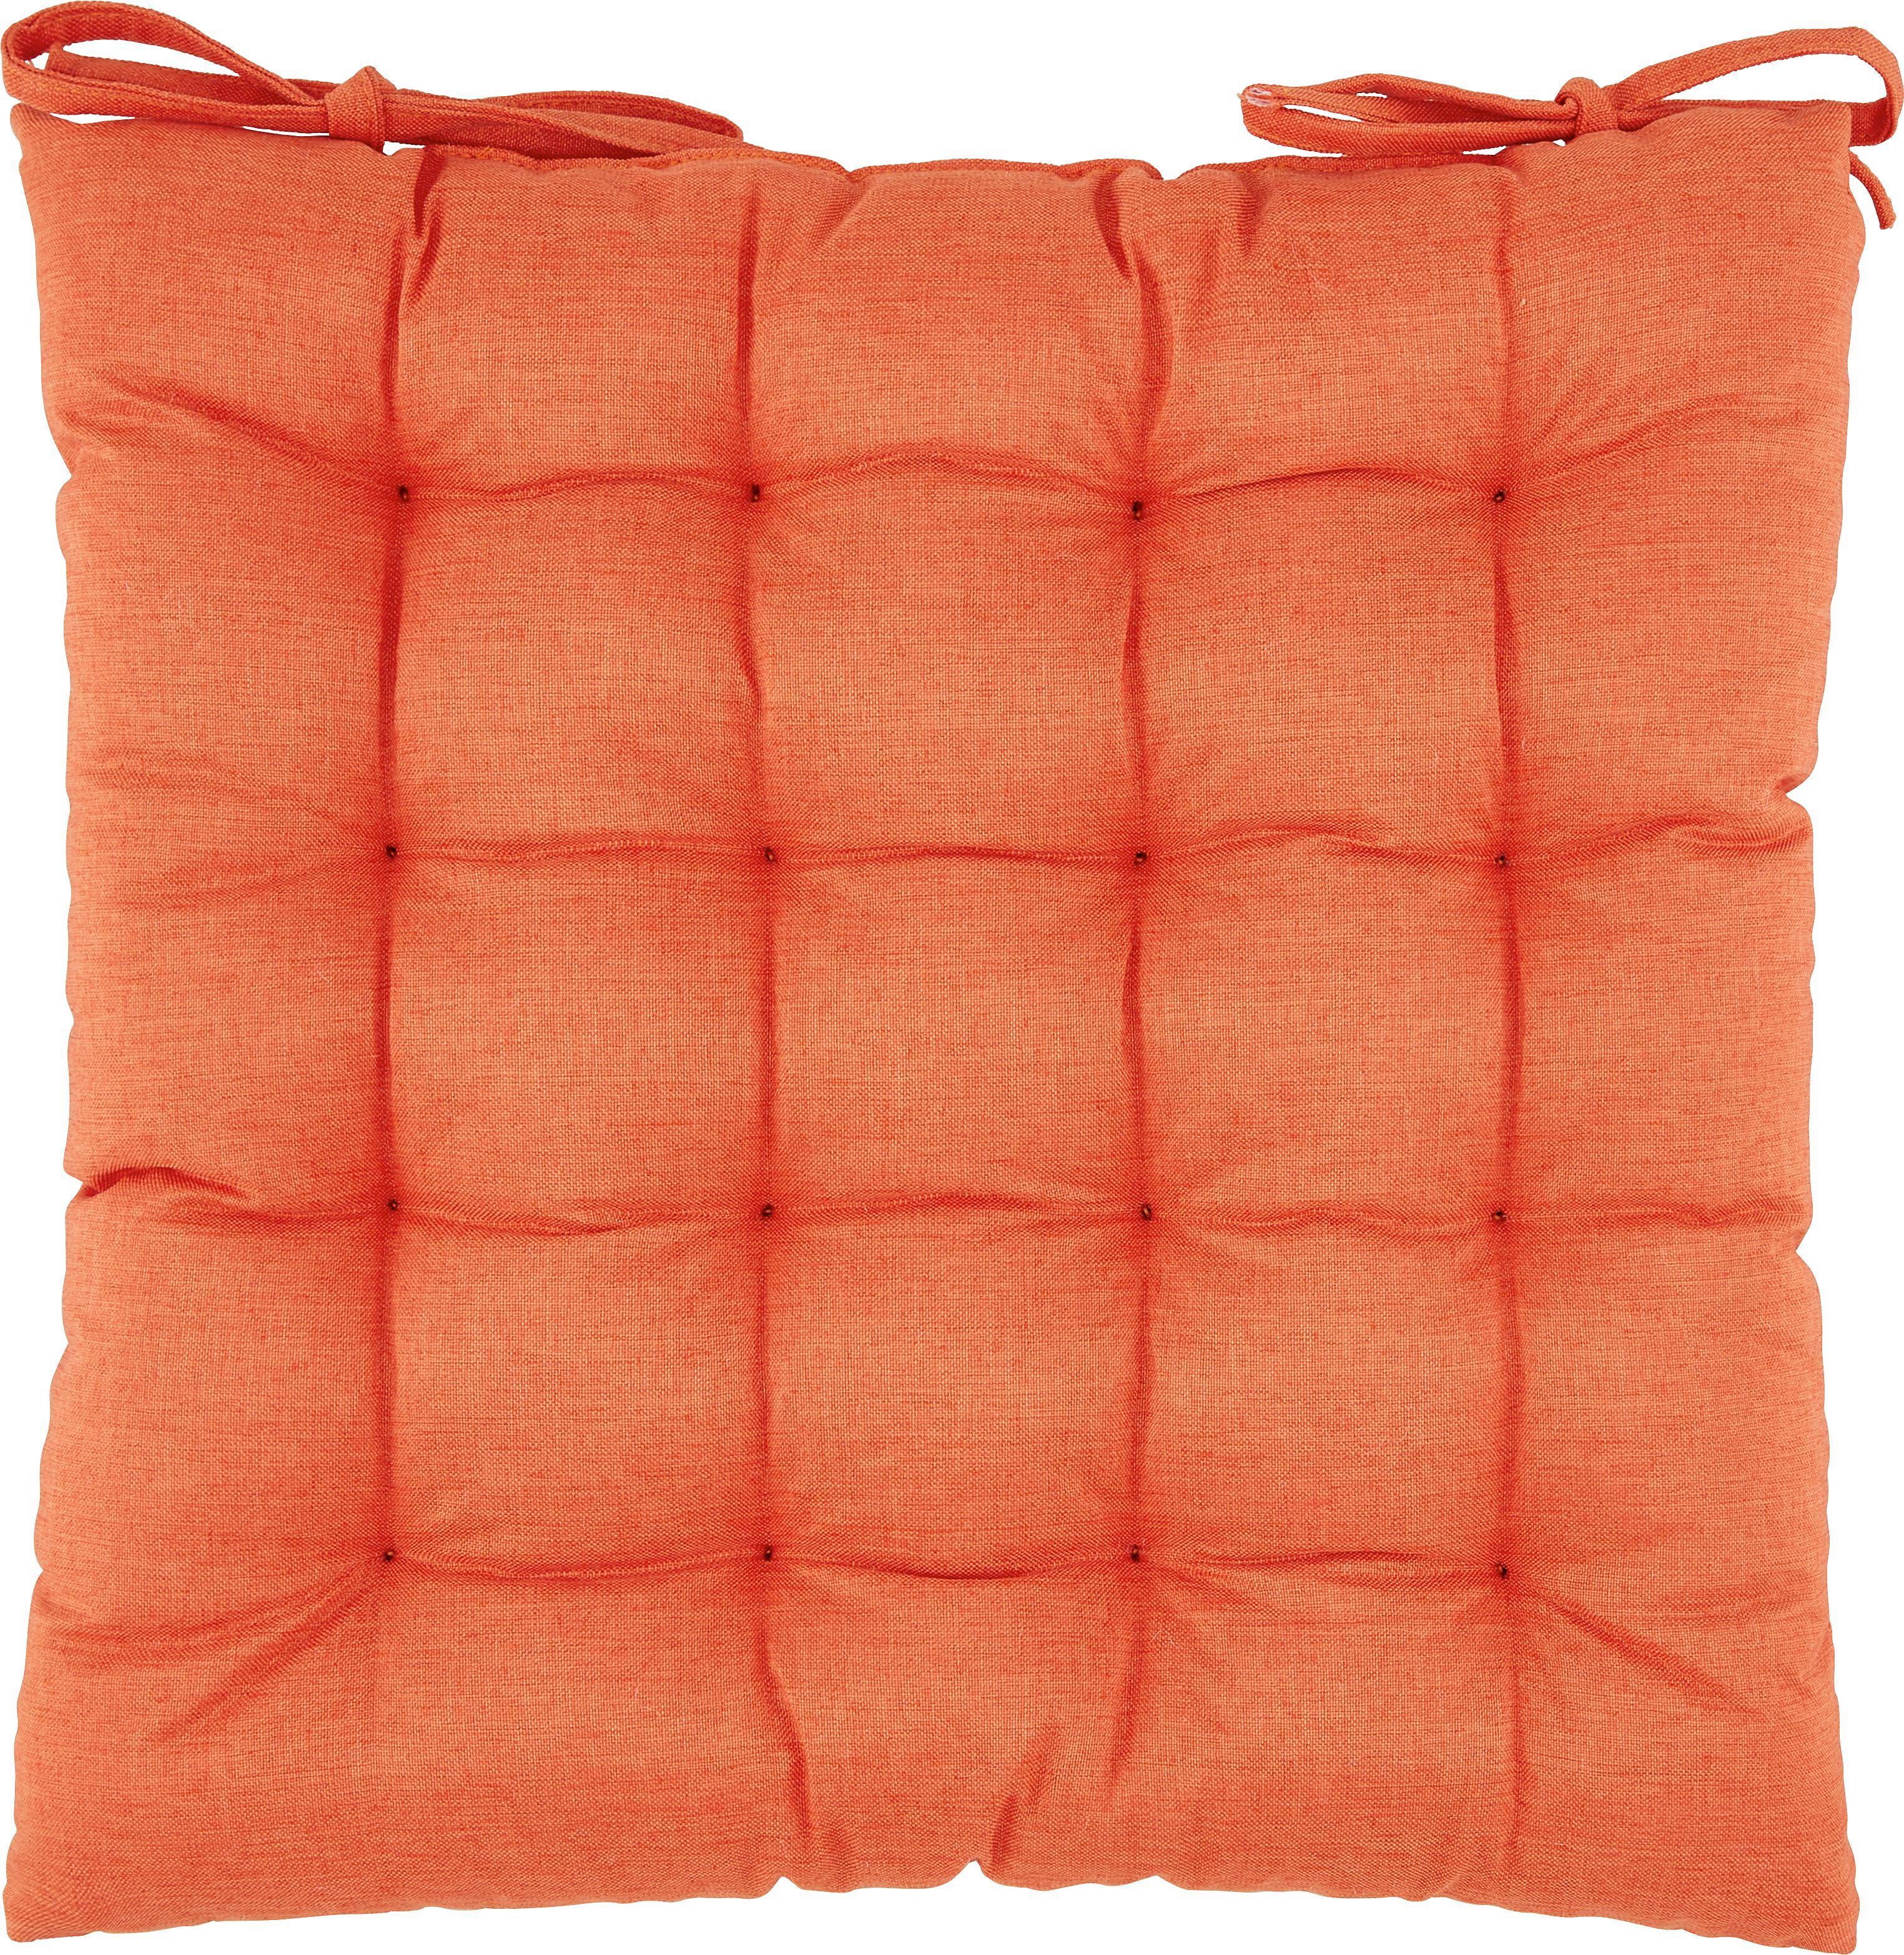 Sitzkissen Nora in Orange, ca. 38x38x5cm - Orange, MODERN, Textil (38/38/5cm) - MÖMAX modern living